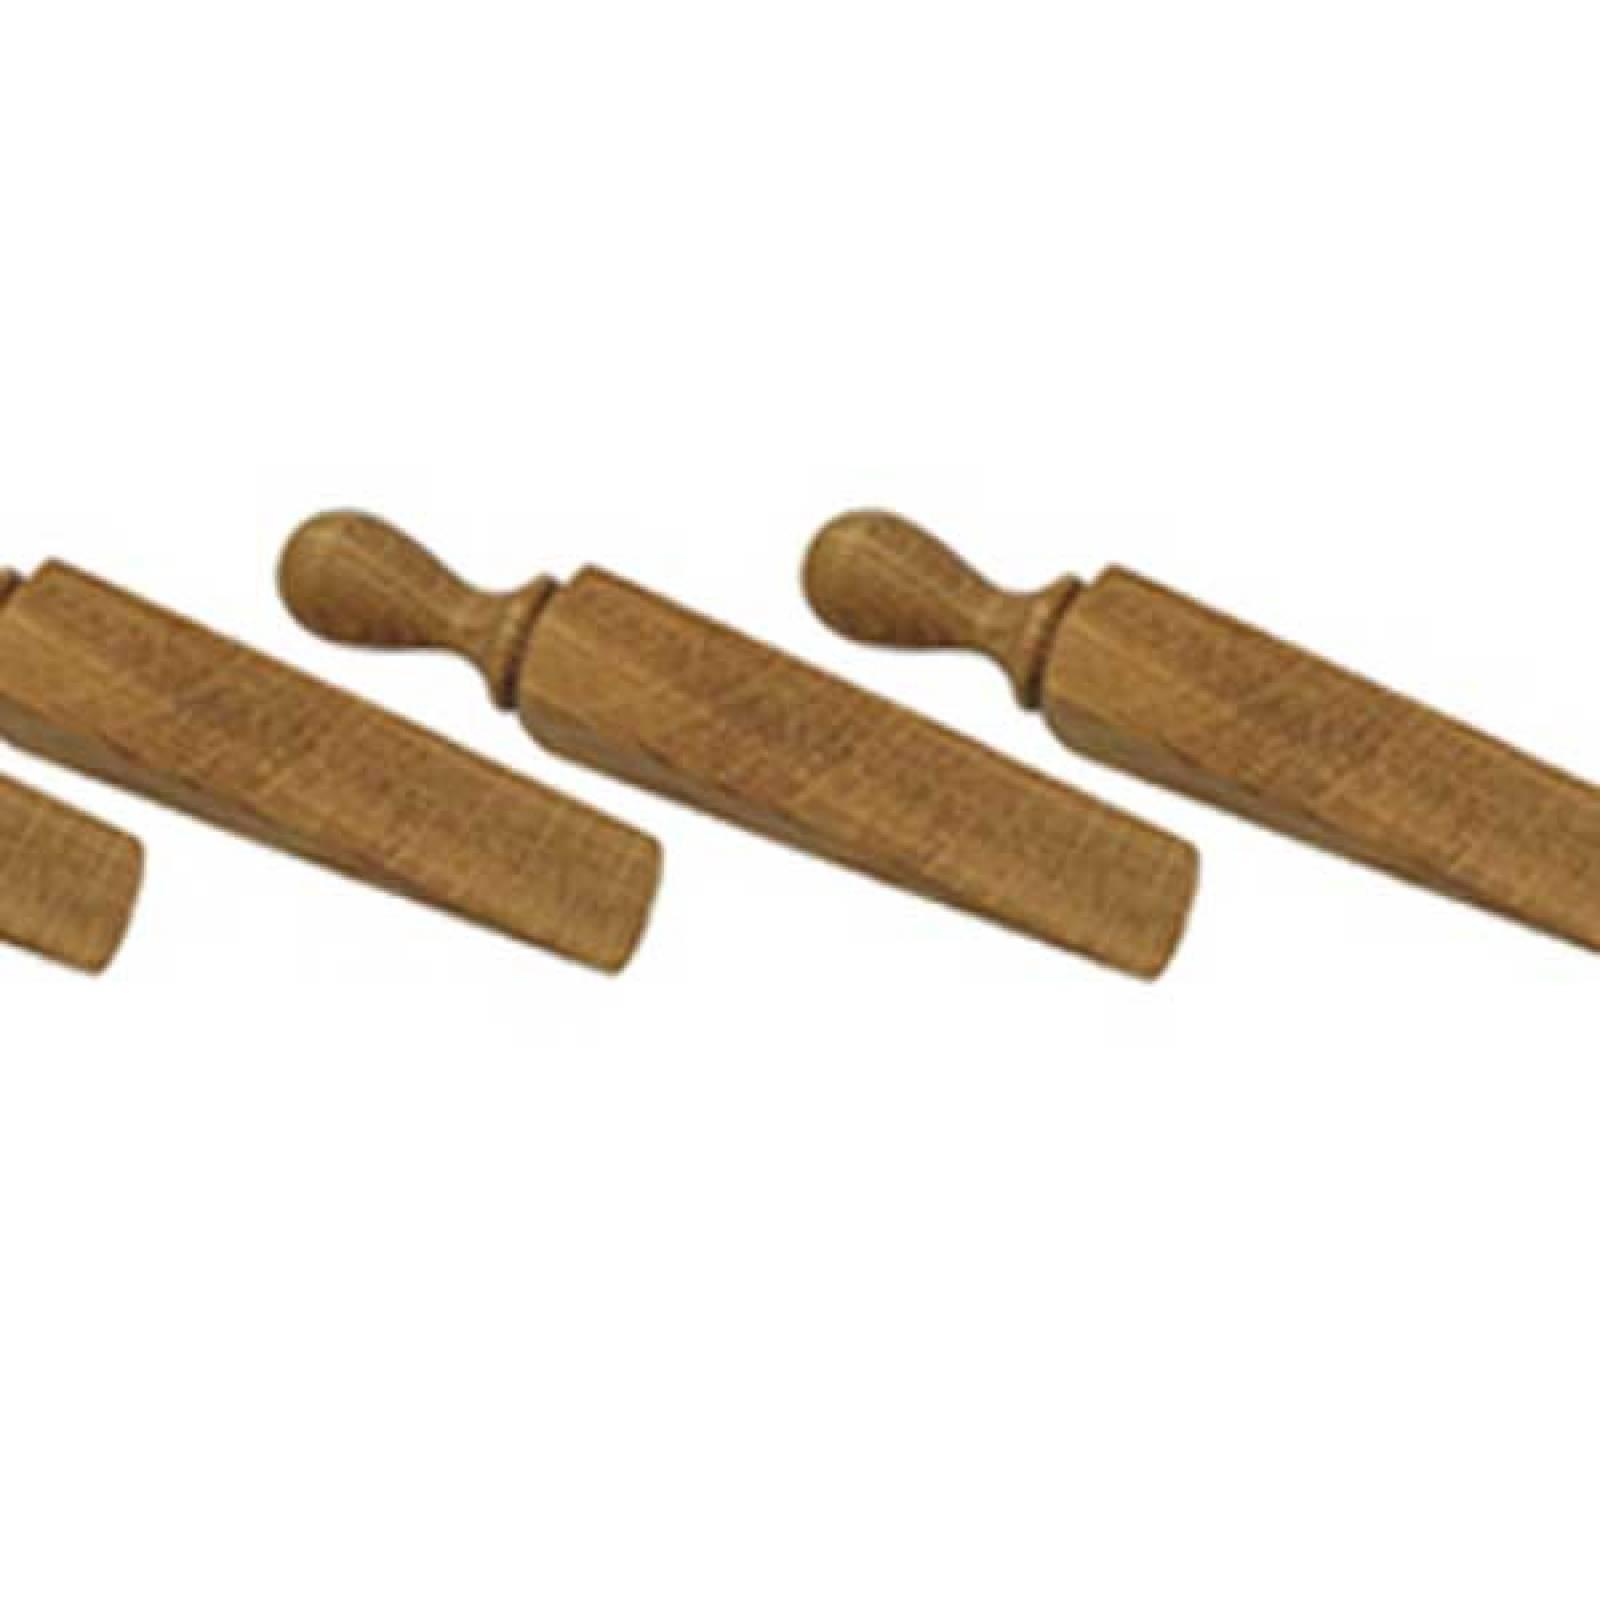 Wooden Door Wedge  / Stop 14cm Various European Hardwoods